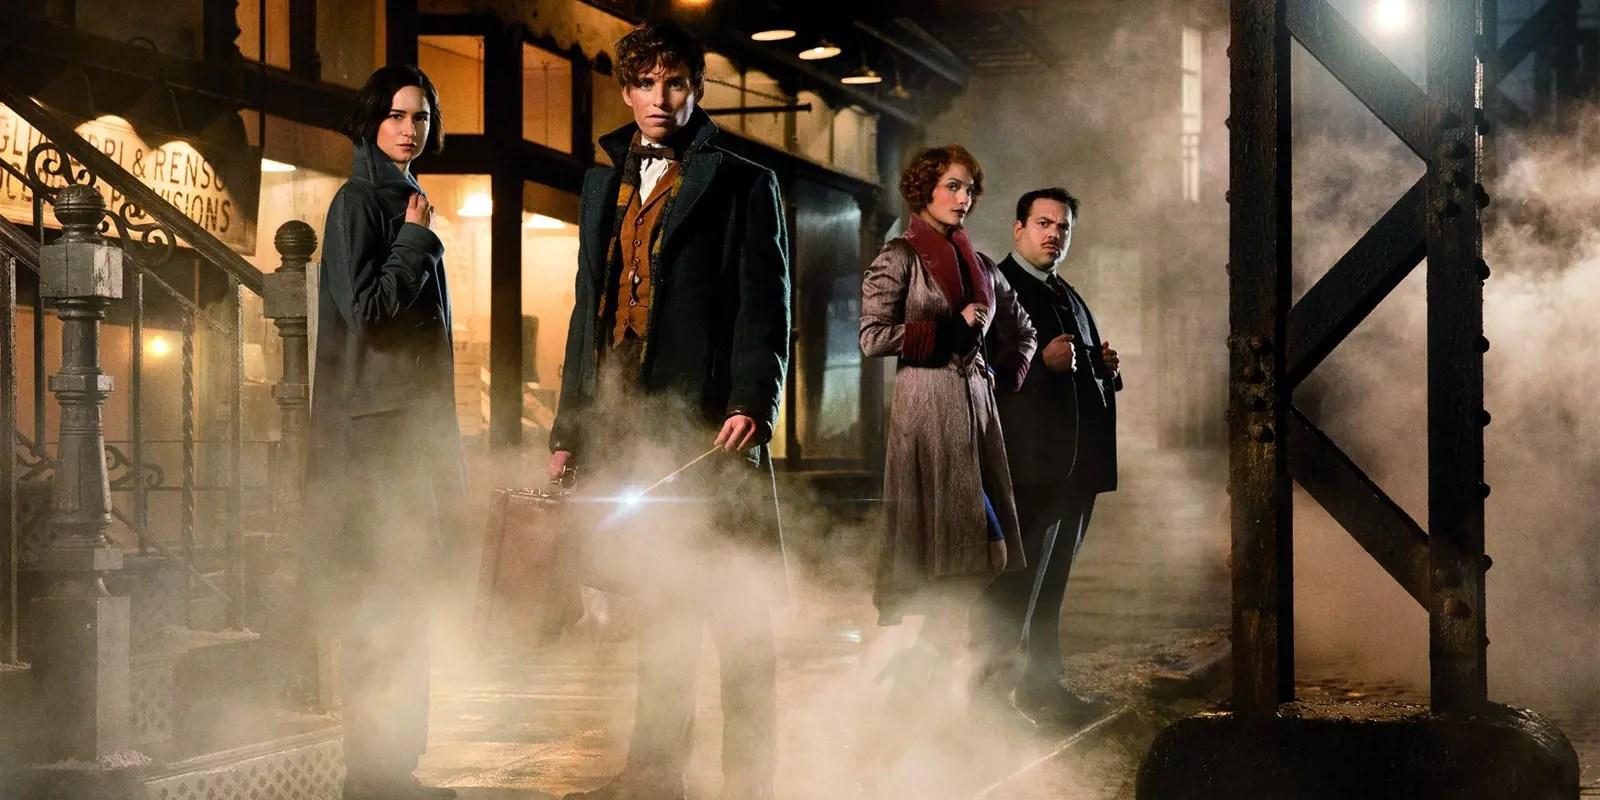 Fantastic Beasts doet het fantastisch aan de Belgische box office